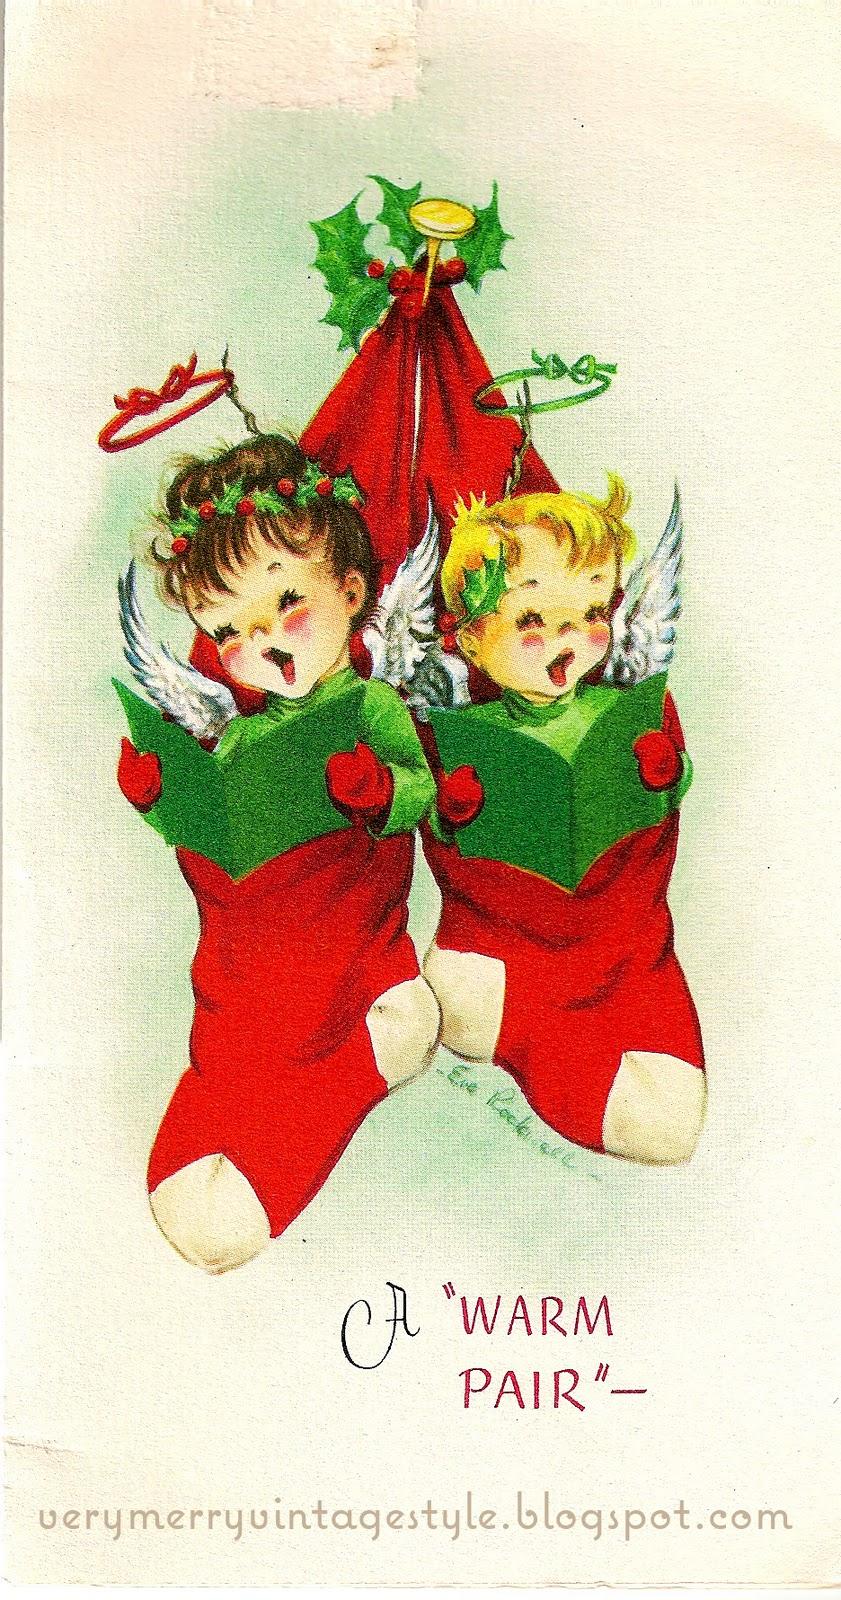 Very Merry Vintage Syle Angels Singing Carols In